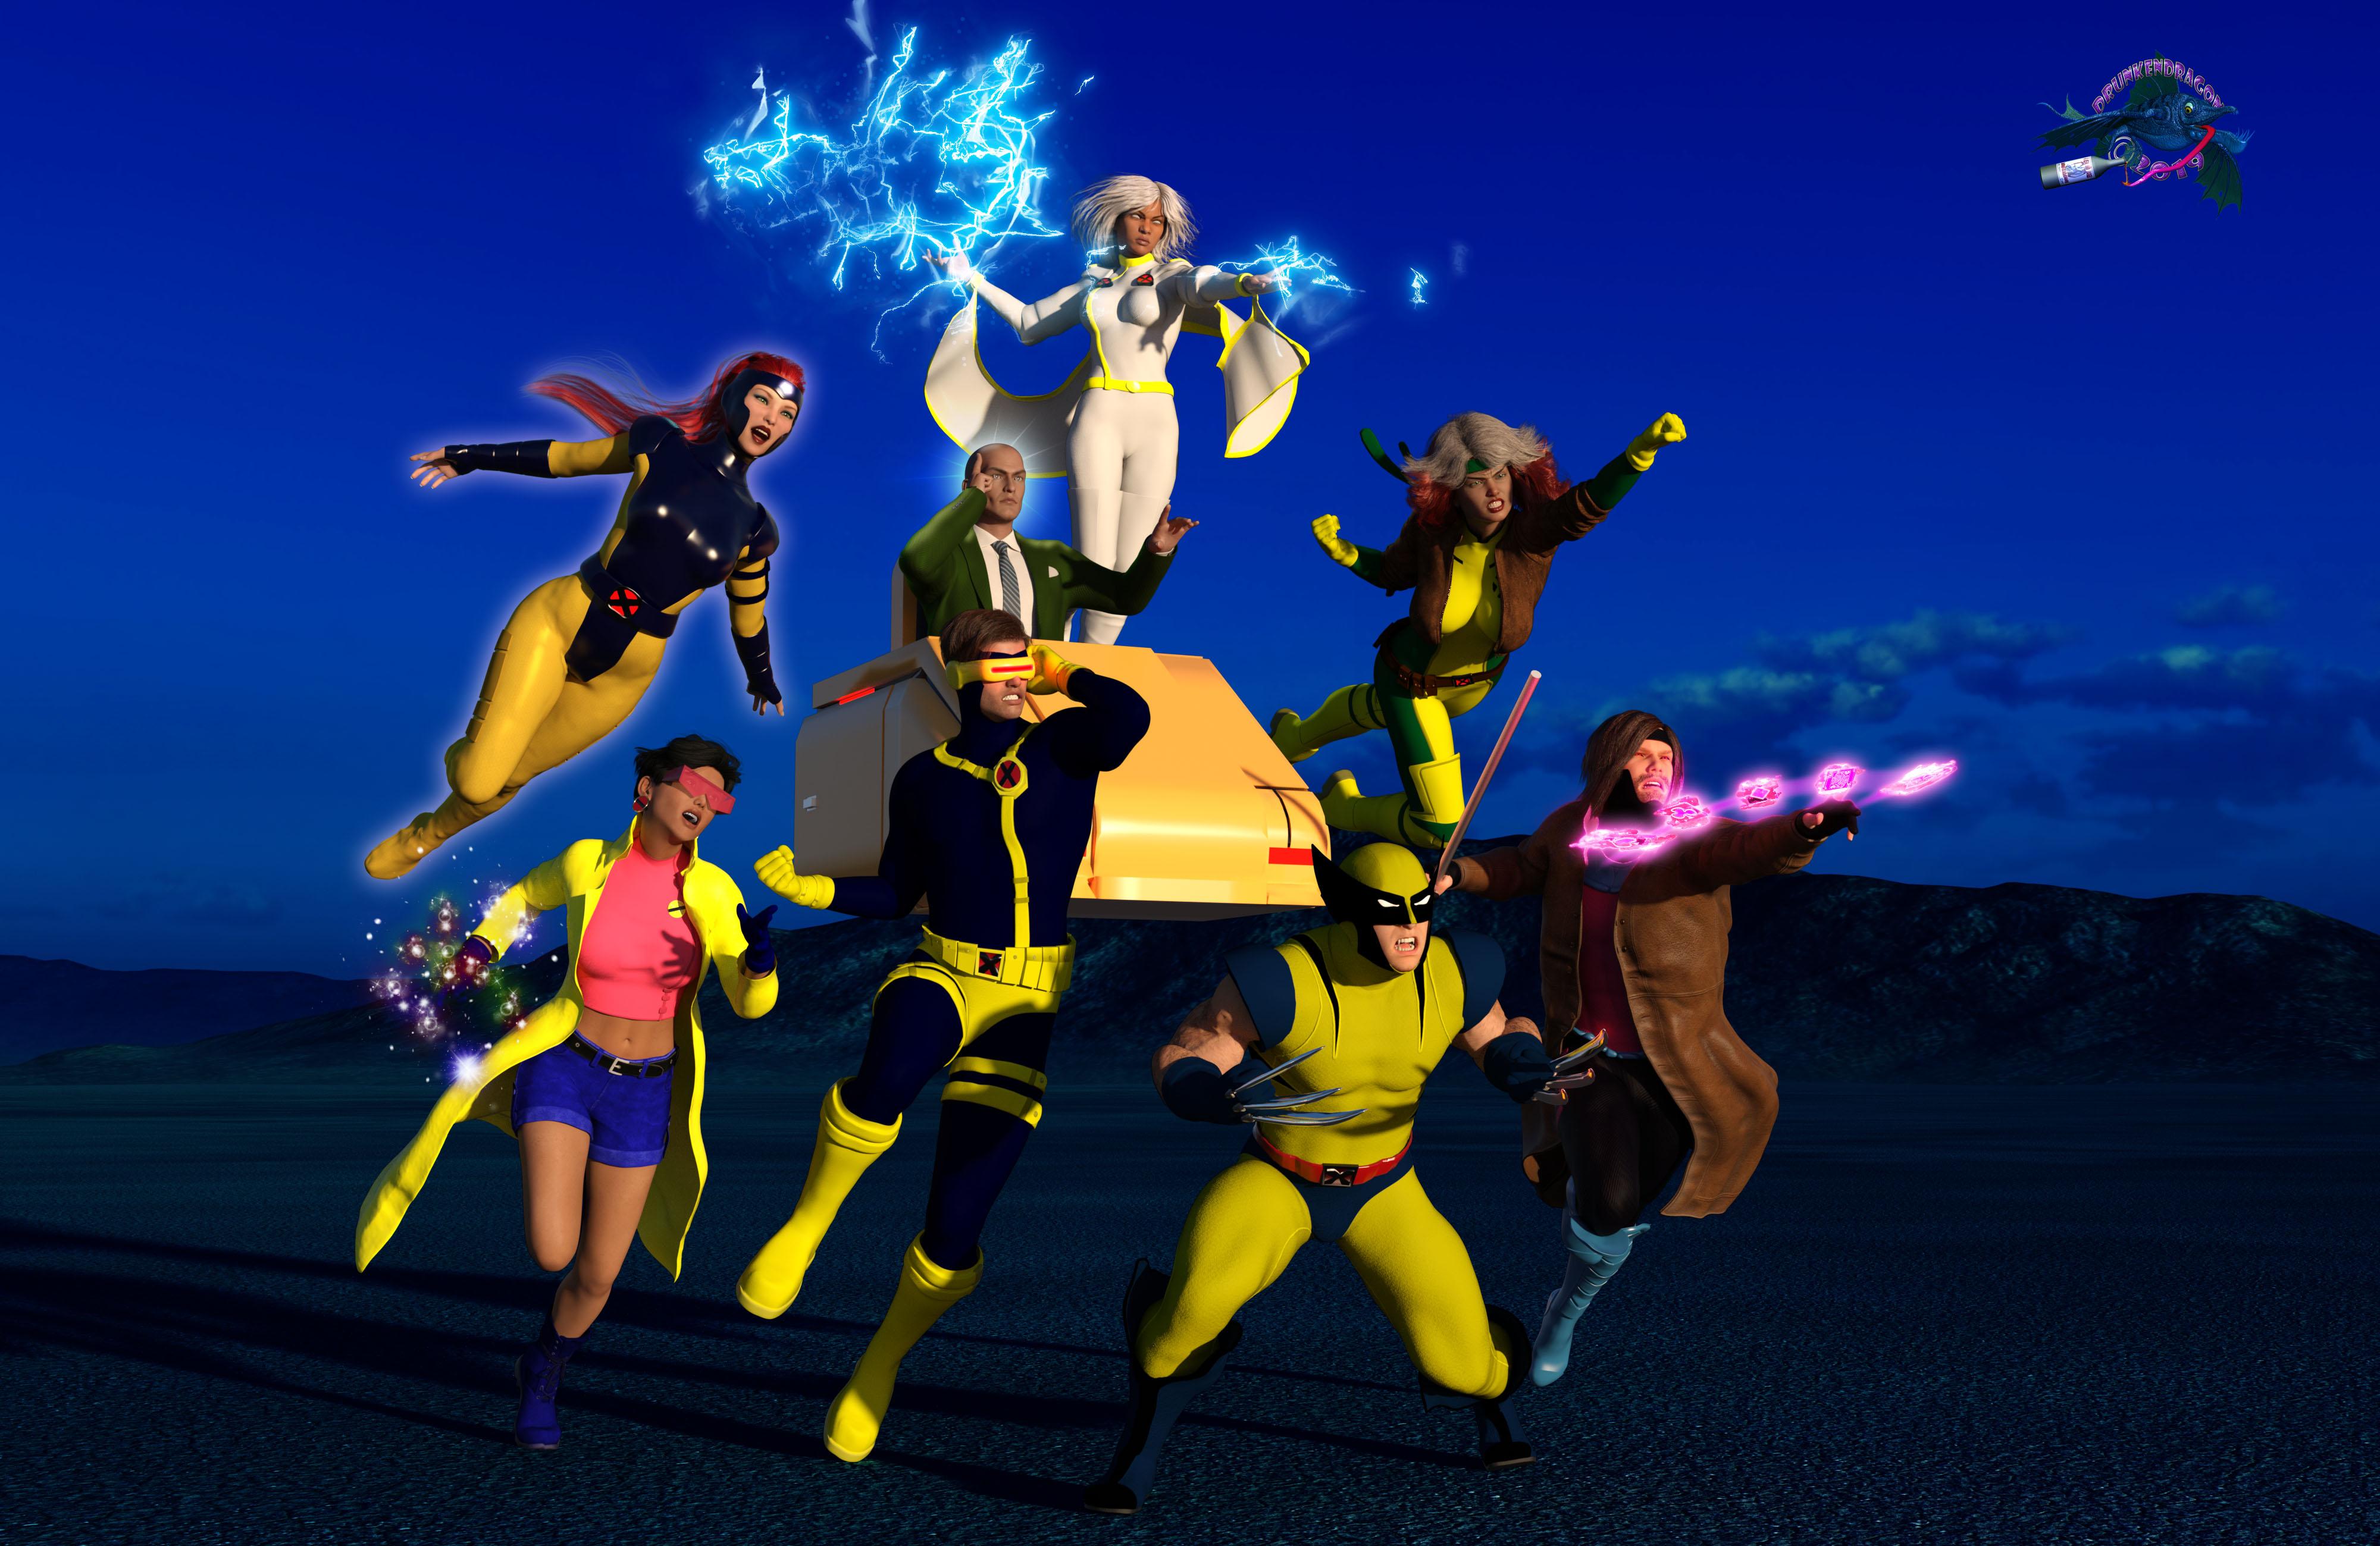 X-Men GOOD v evil